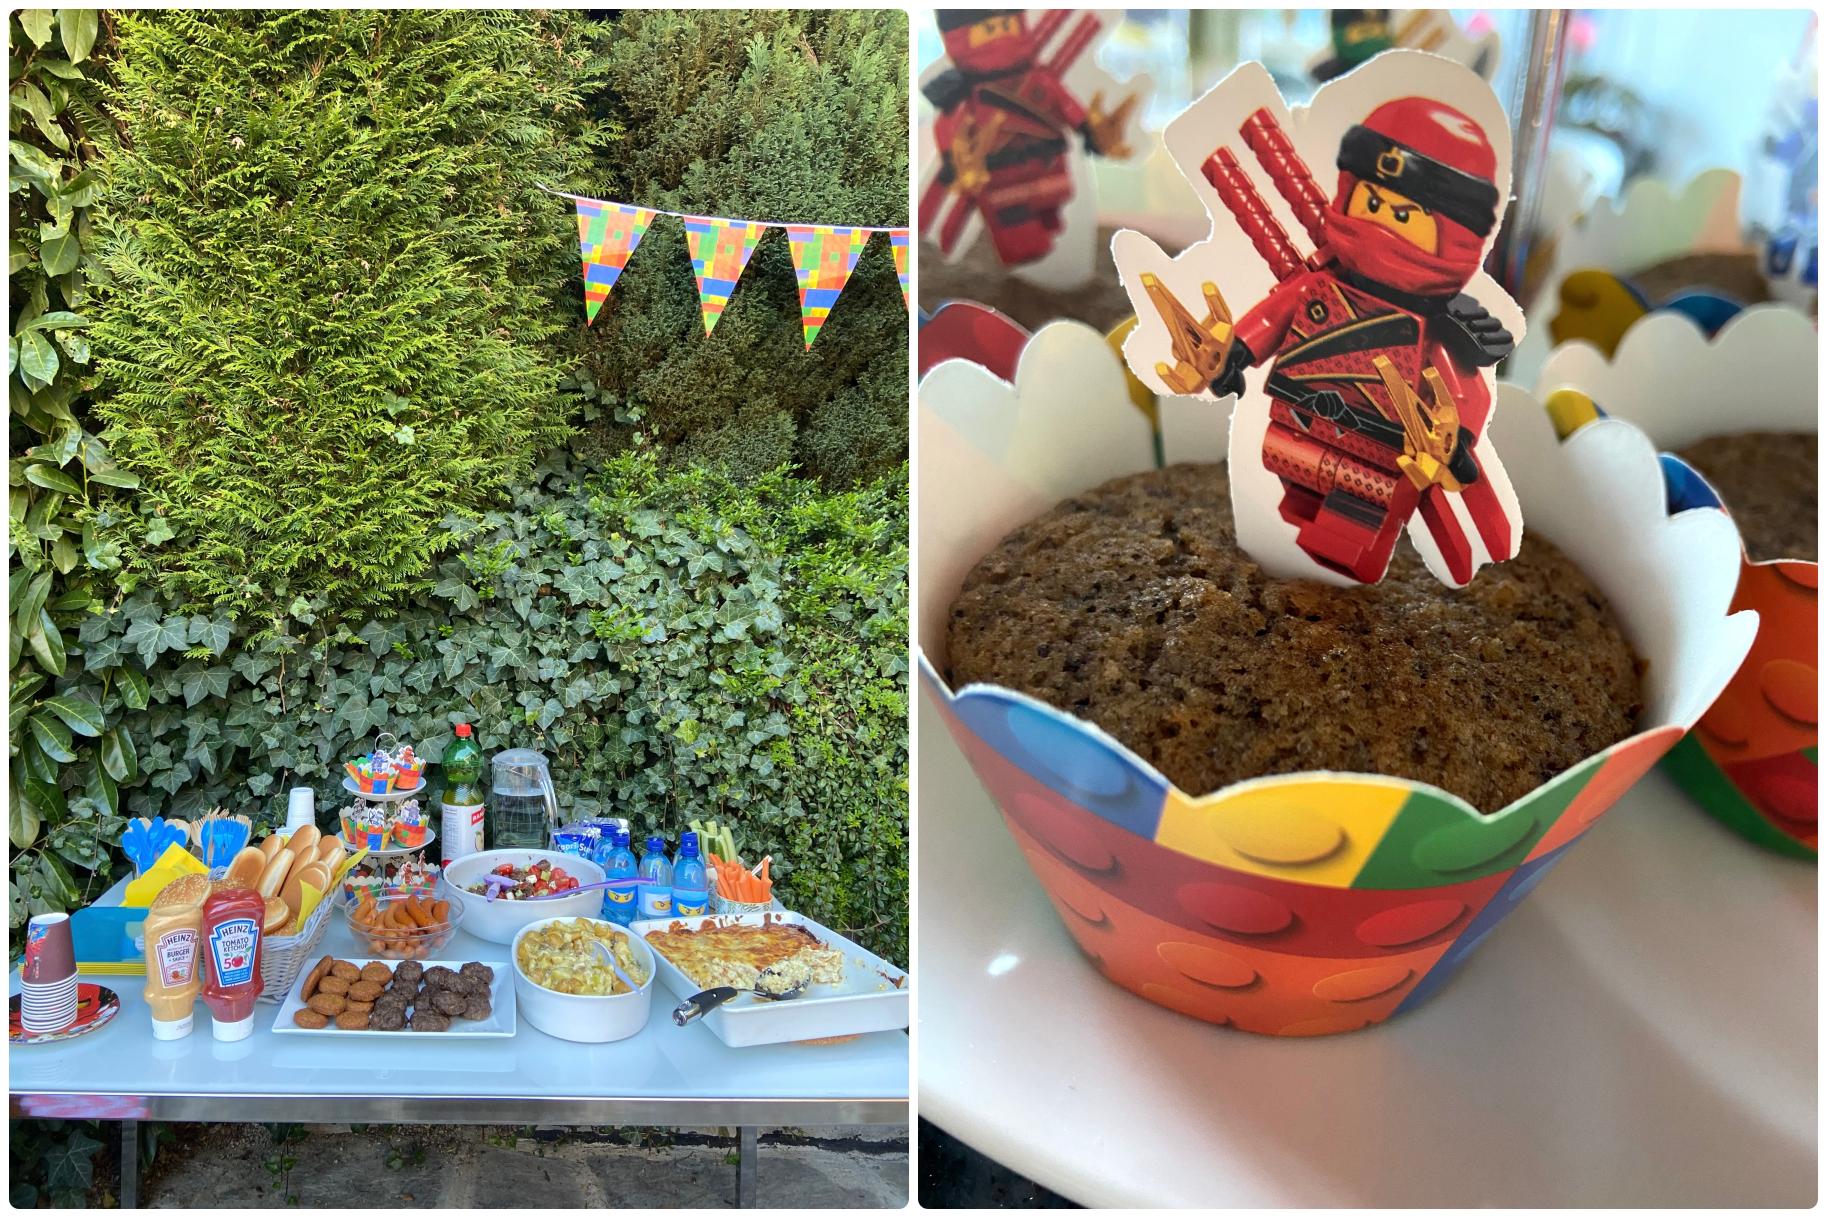 μενού παιδικό πάρτυ κήπος άνοιξη lego ninjago party